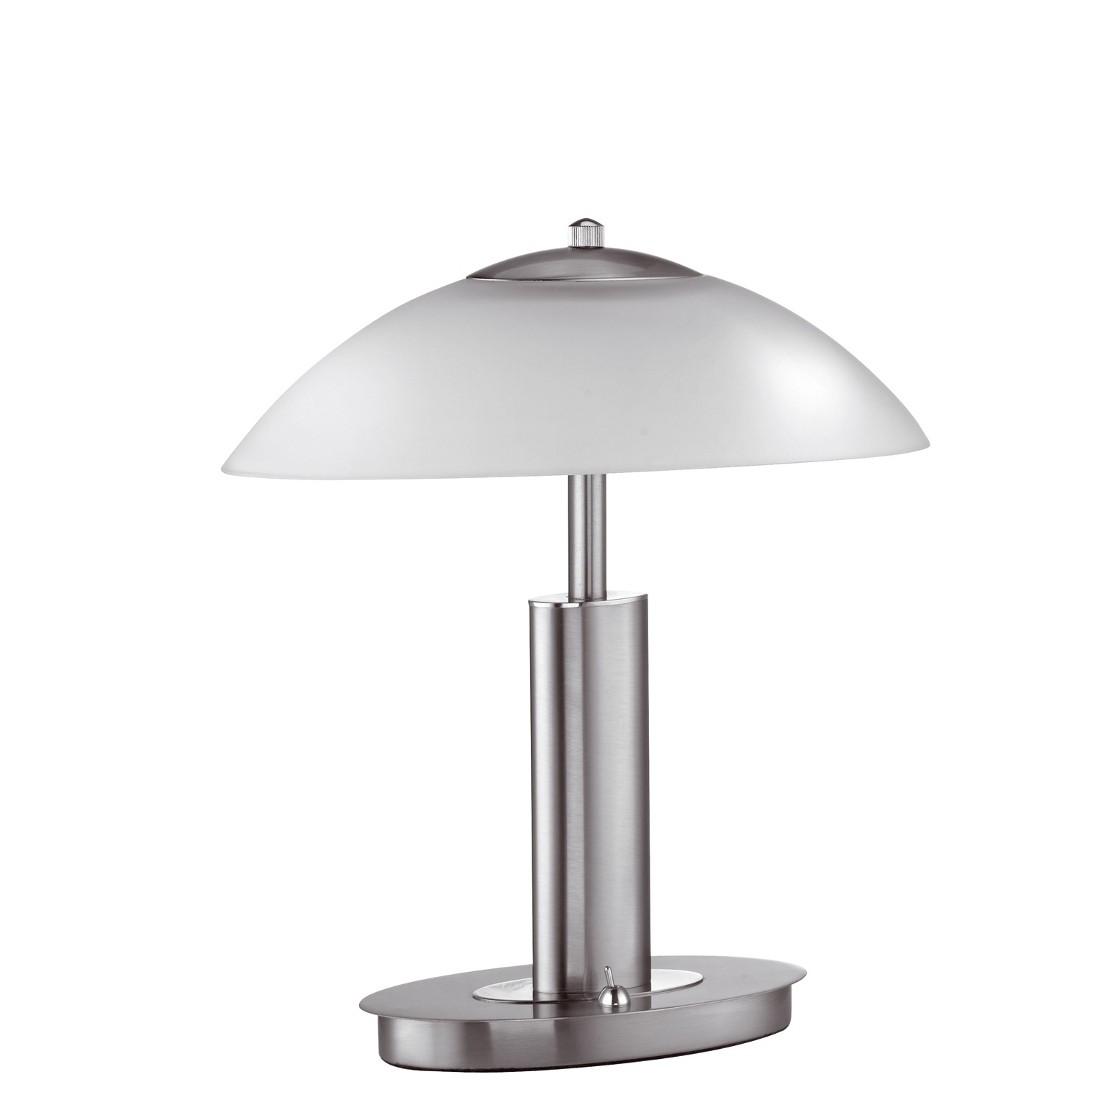 Interrupteur a bascule guide d 39 achat - Interrupteur lampe de bureau ...